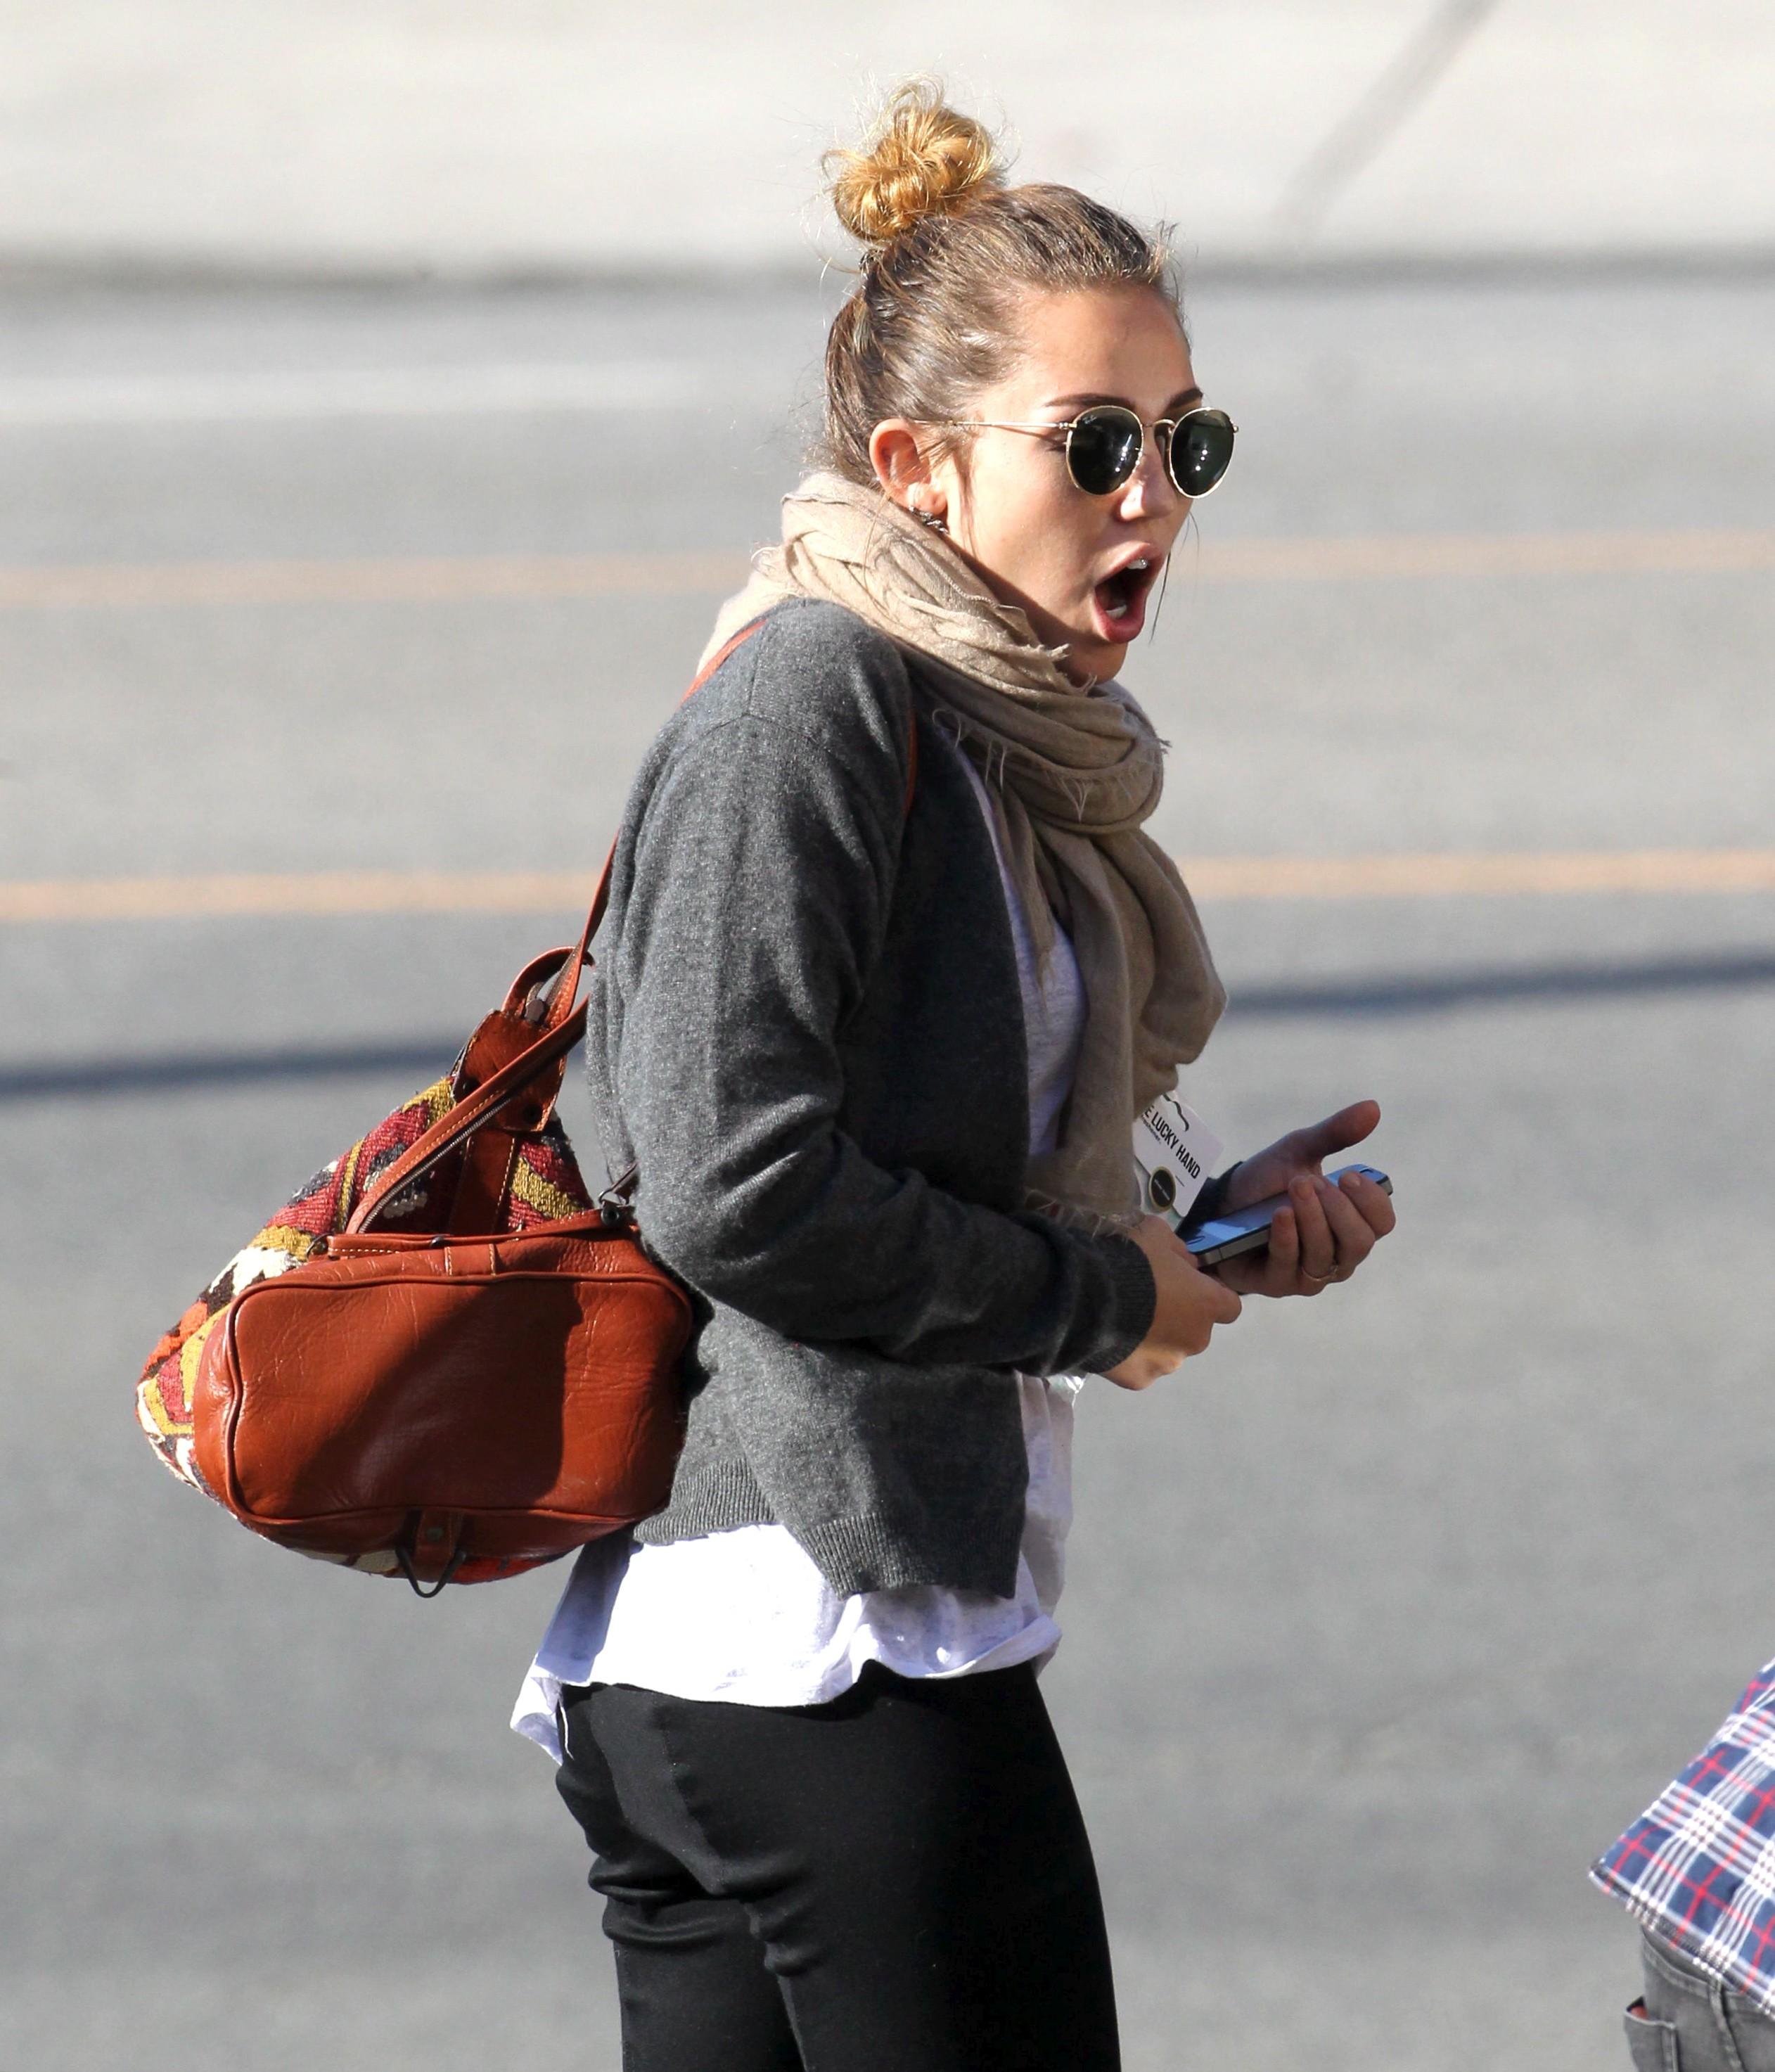 29303_Miley1_123_146lo.jpg